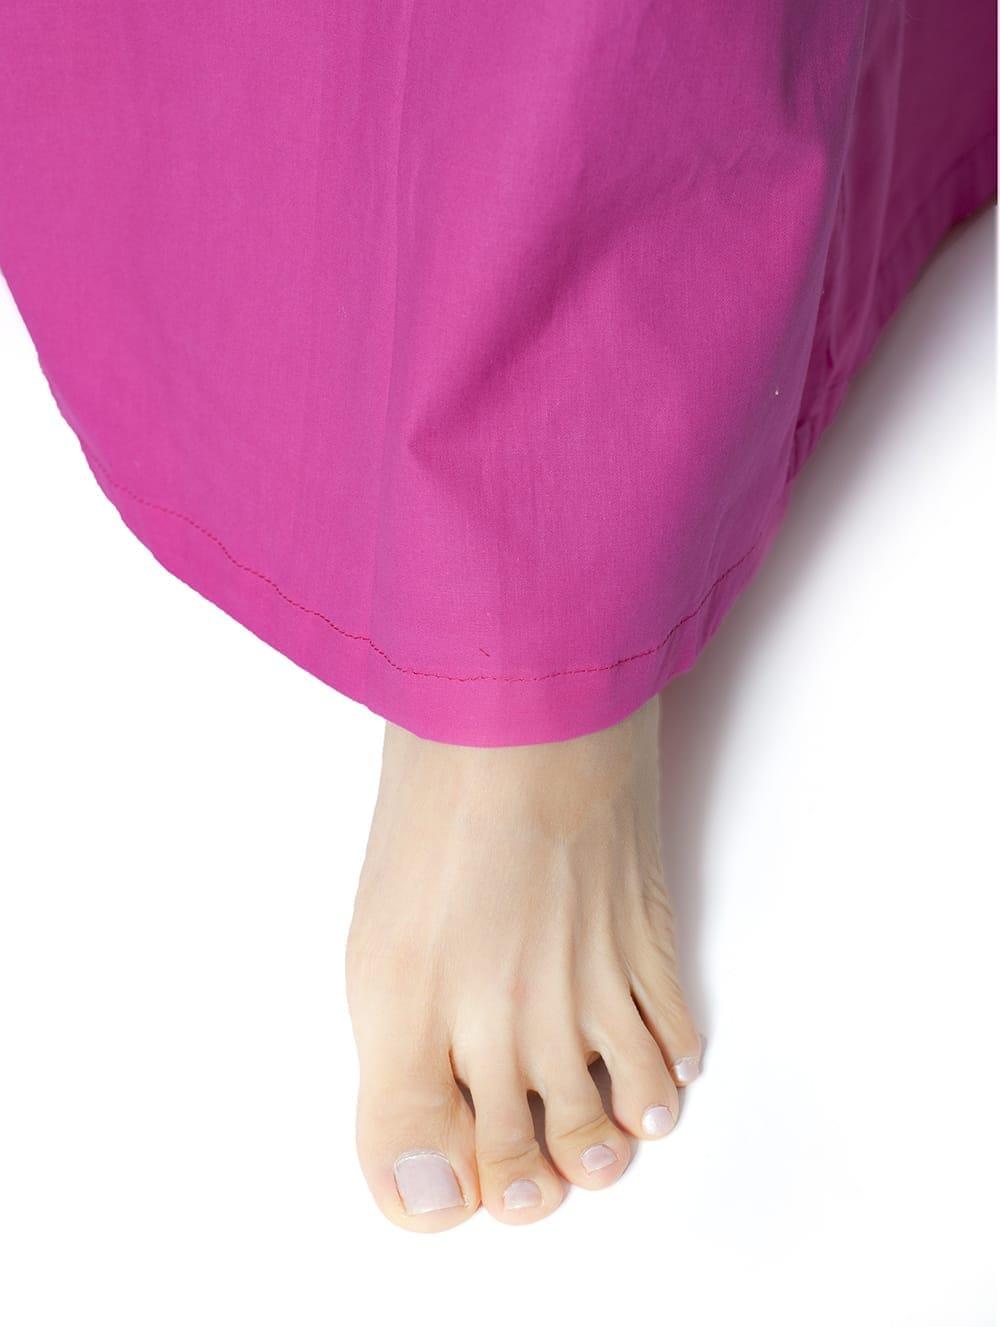 サリーの下に着るペチコート - ベビーピンク 7 - 足回りをみてみました。